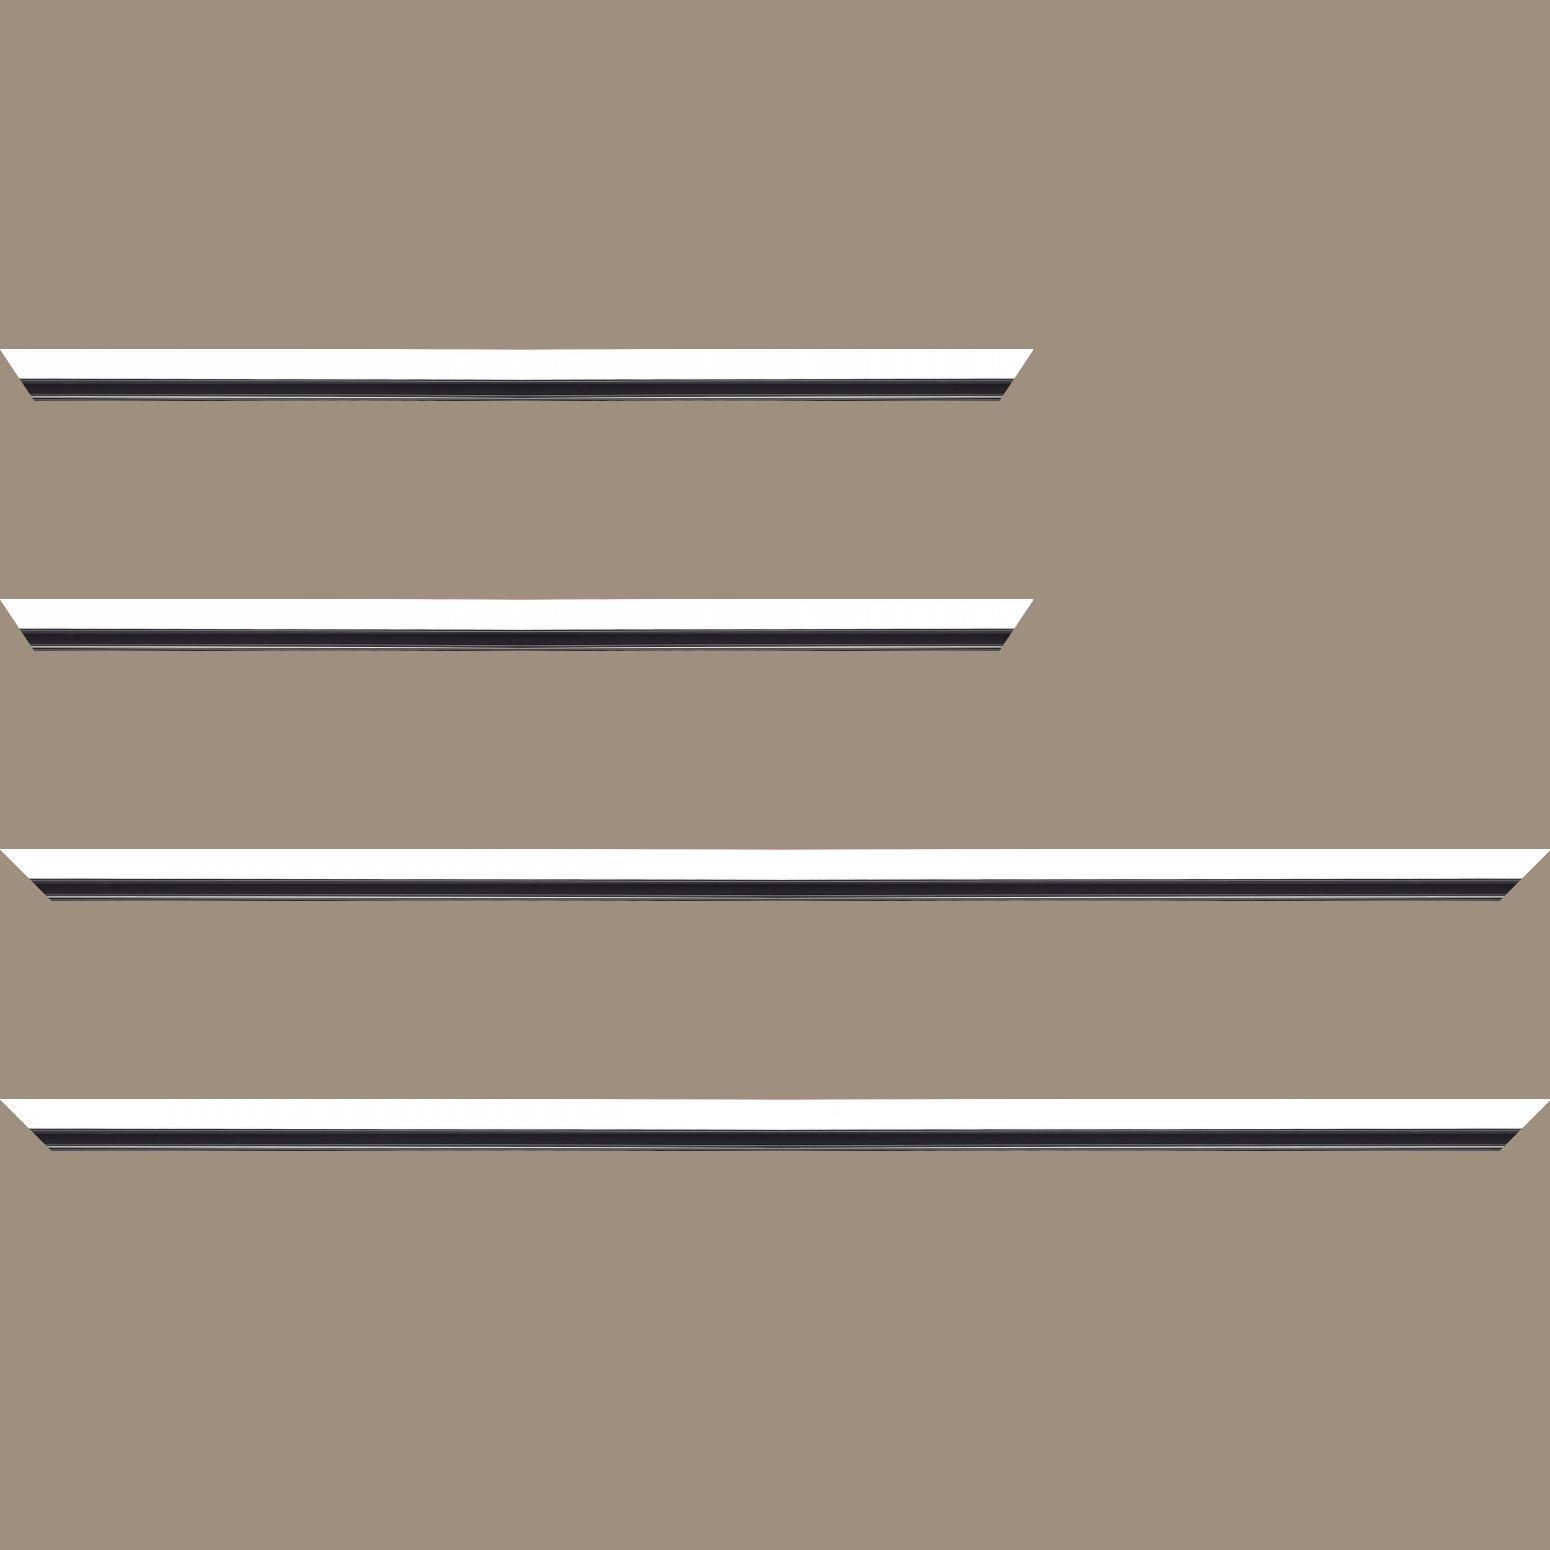 Baguette service précoupé Bois profil plat largeur 1.6cm couleur blanc mat finition pore bouché filet noir en retrait de la face du cadre de 6mm assurant un effet très original